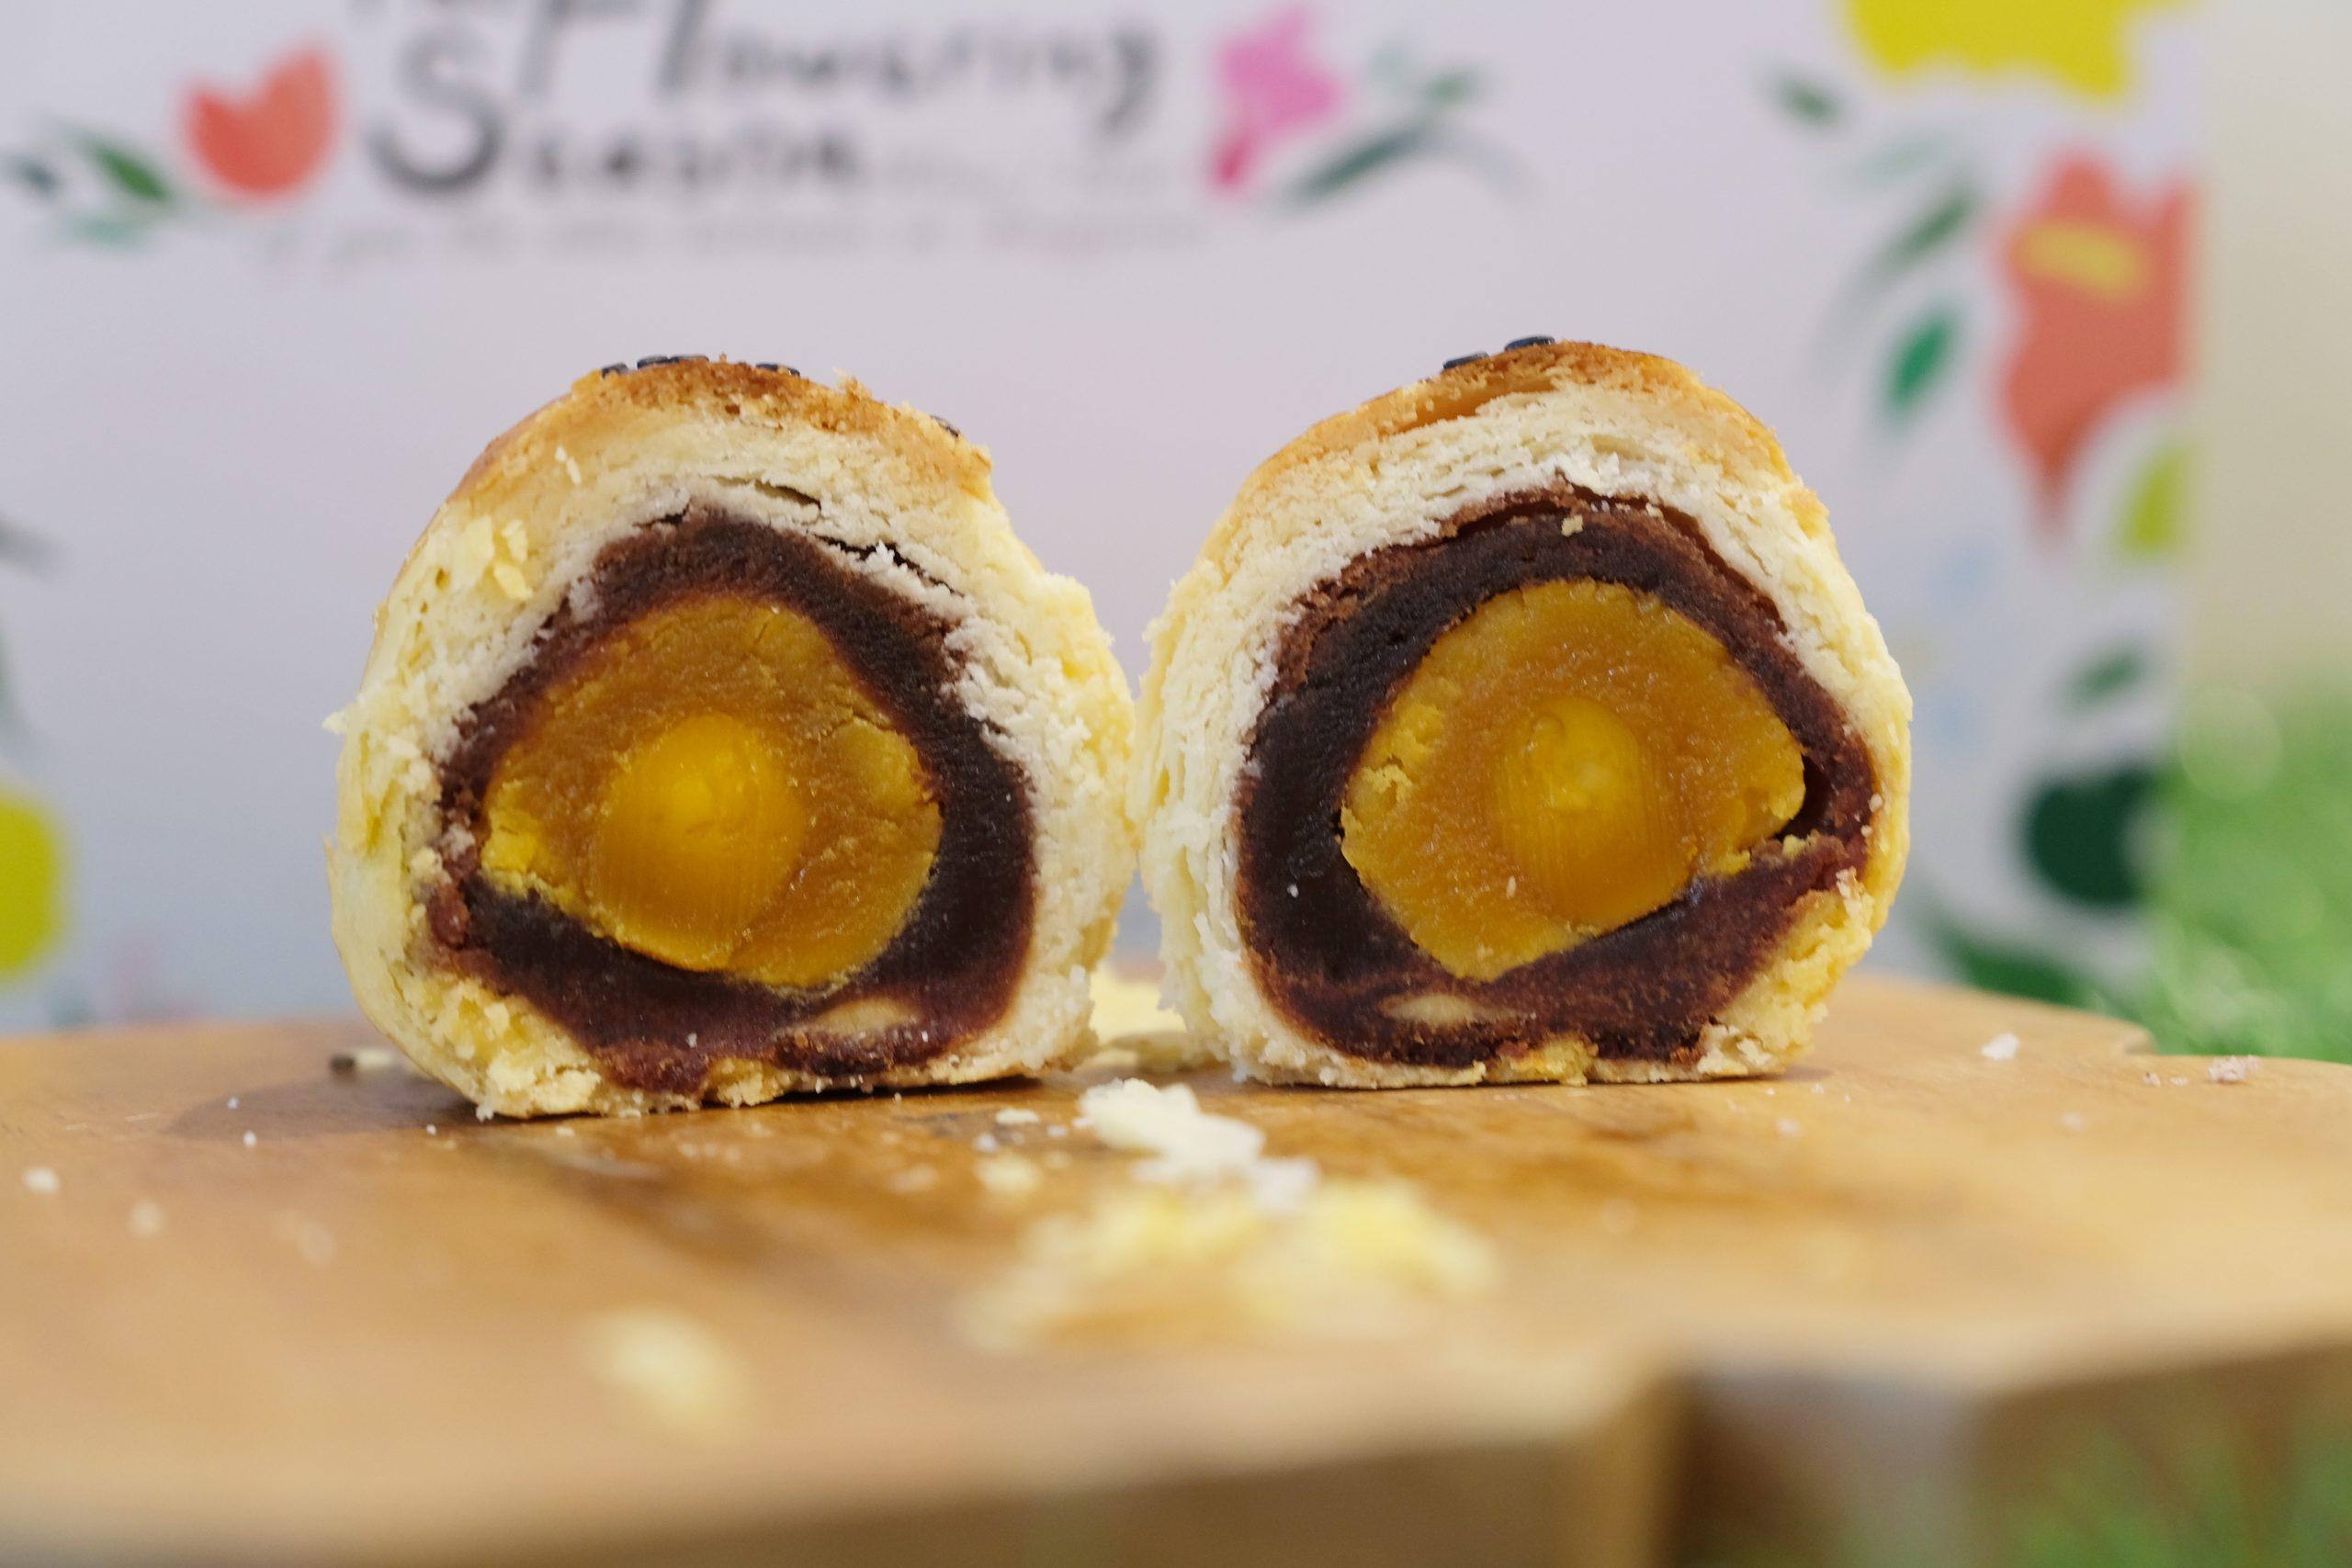 易達蛋黃酥:網路上資料少之又少,低調又美味的蛋黃酥餅店 @飛天璇的口袋